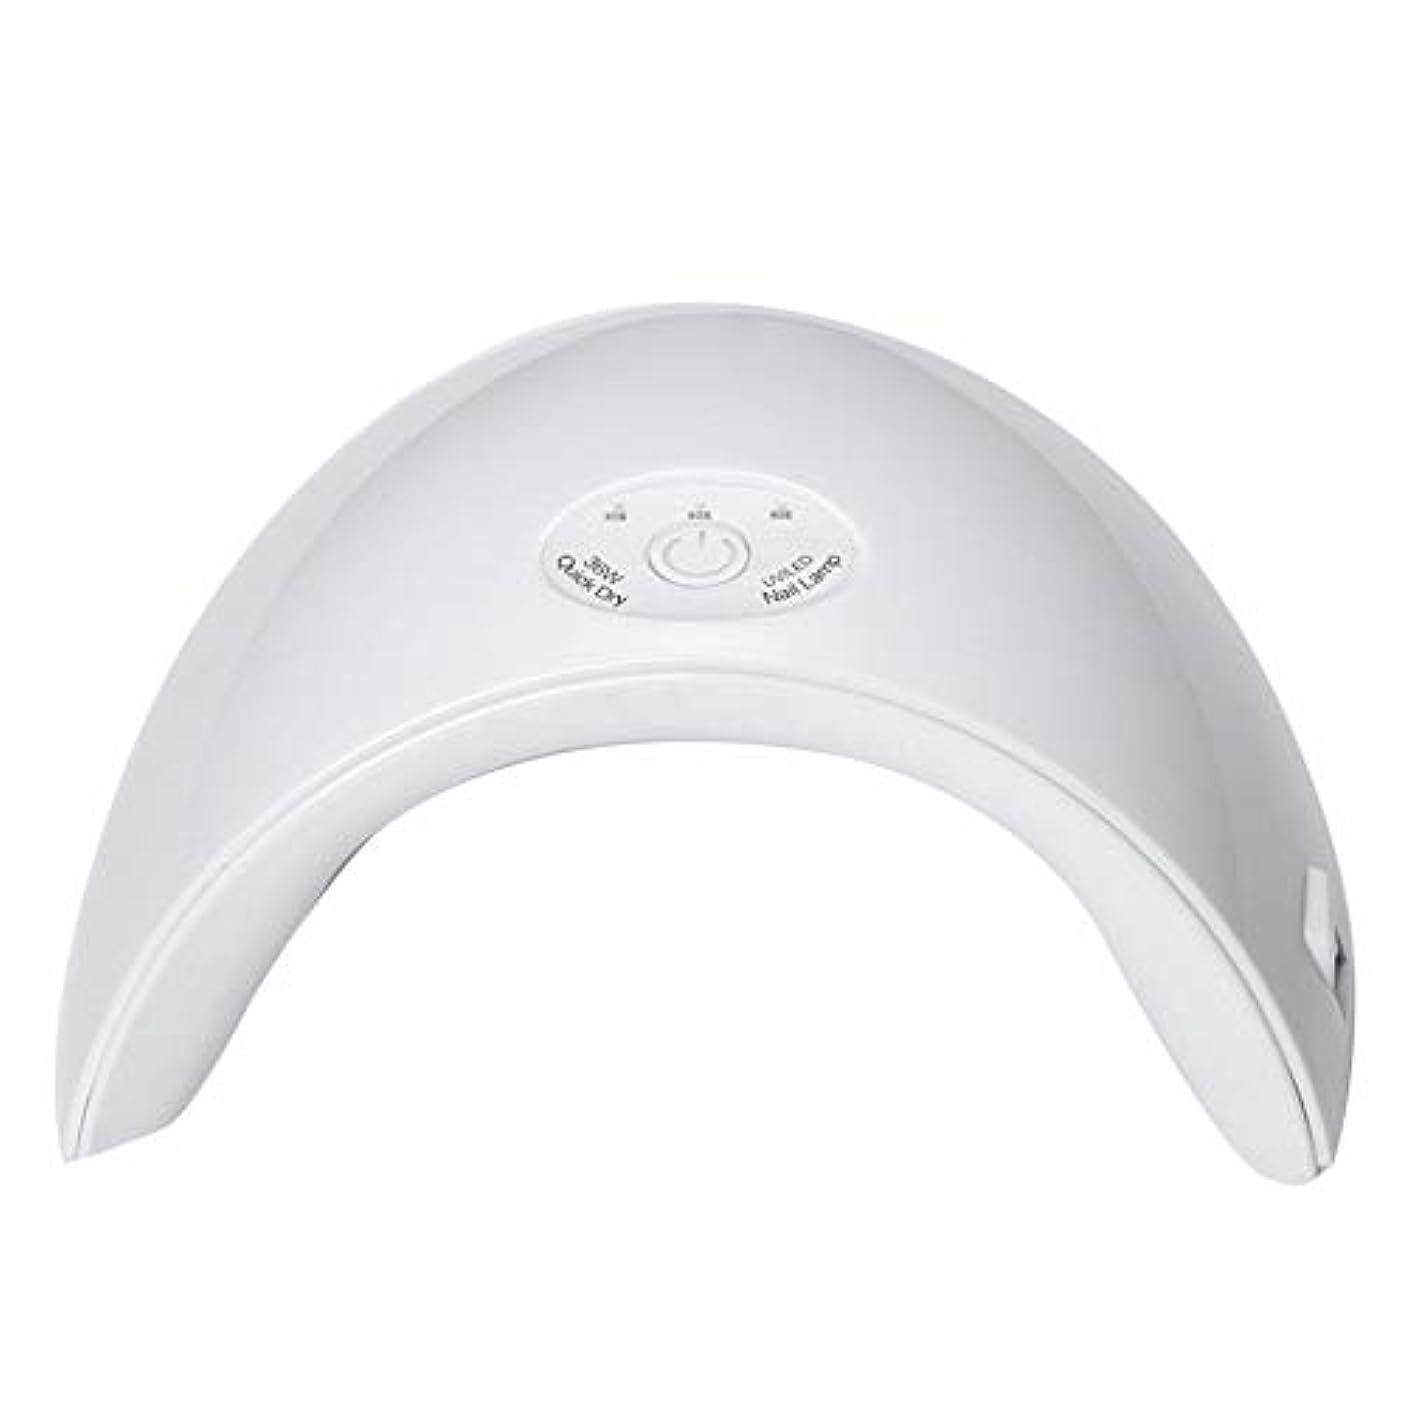 支給バーターローストBFACCIA 硬化ライト36W USB式自動センサー搭載3段階タイマー付きUV LEDライトネイルドライヤーマニュキュア (ホワイト)